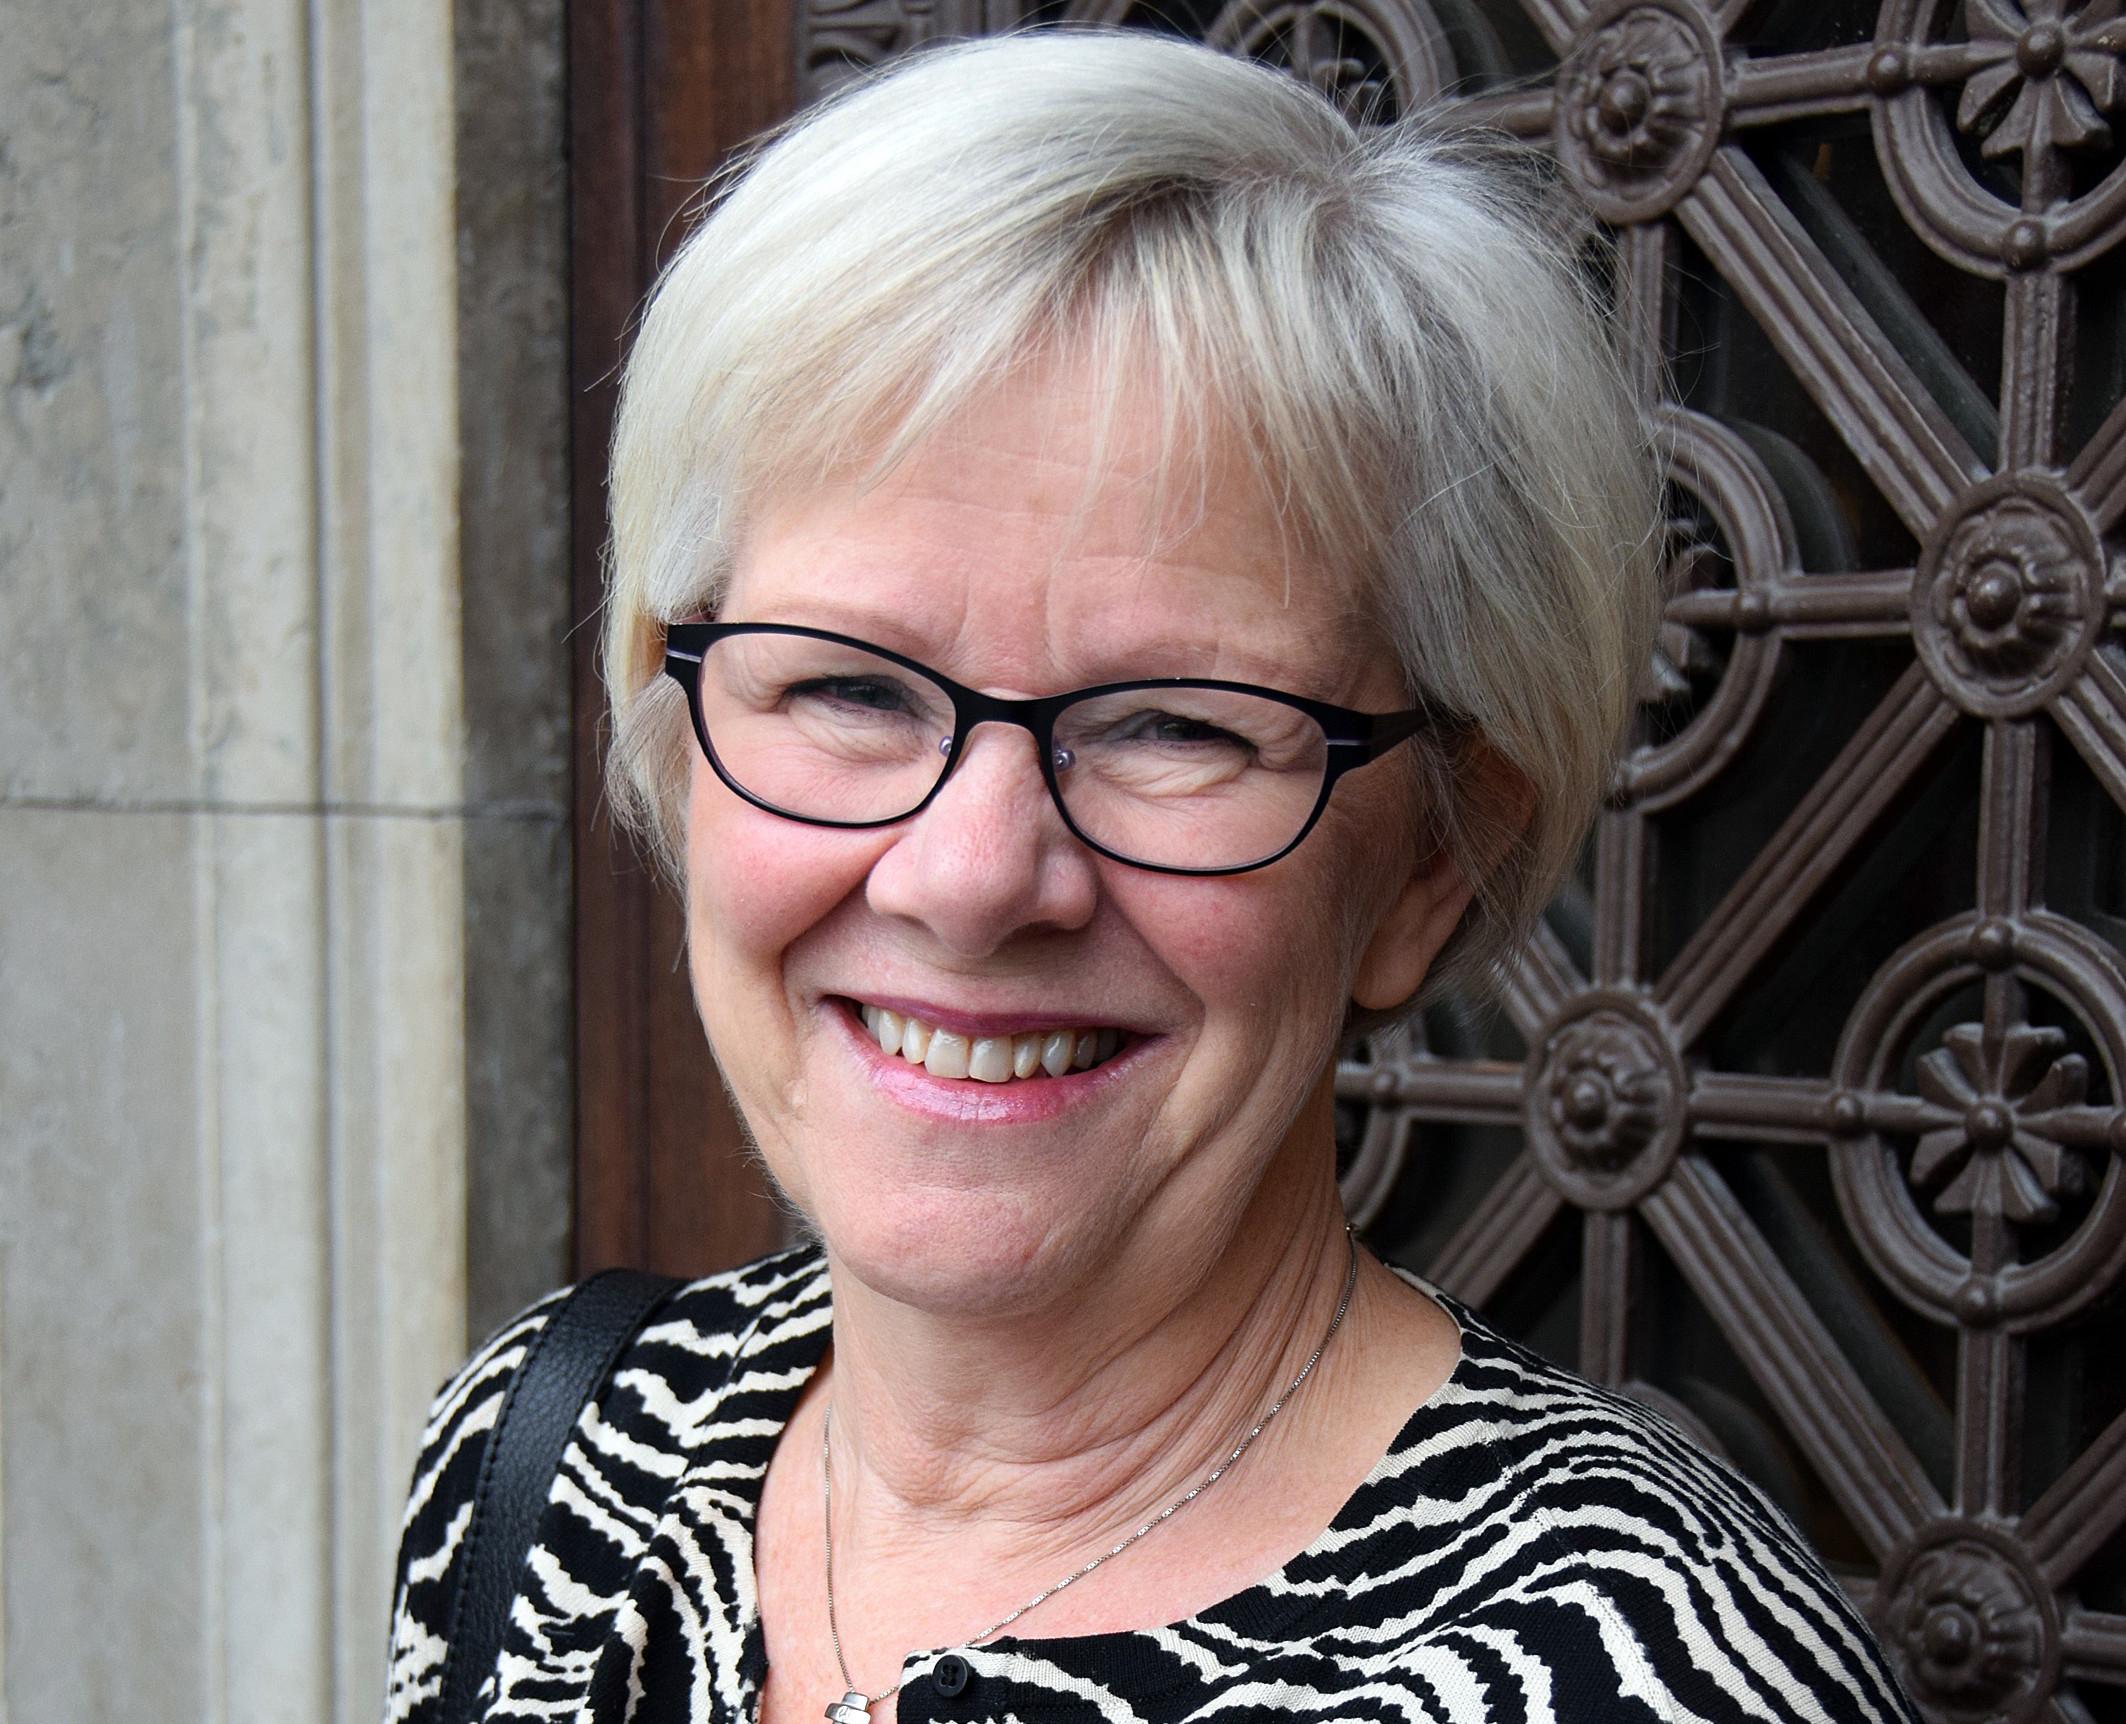 Wanja Lundby-Wedin, tidigare LO-ordförande, återinviger på lördagen den 23 augusti minnesmärket efter Sundsvallsstrejken 1879. Under mandatperioden 2014-2017 är hon nu 1:e vice ordförande i kyrkostyrelsen. Foto: Ewa Almqvist/IKON